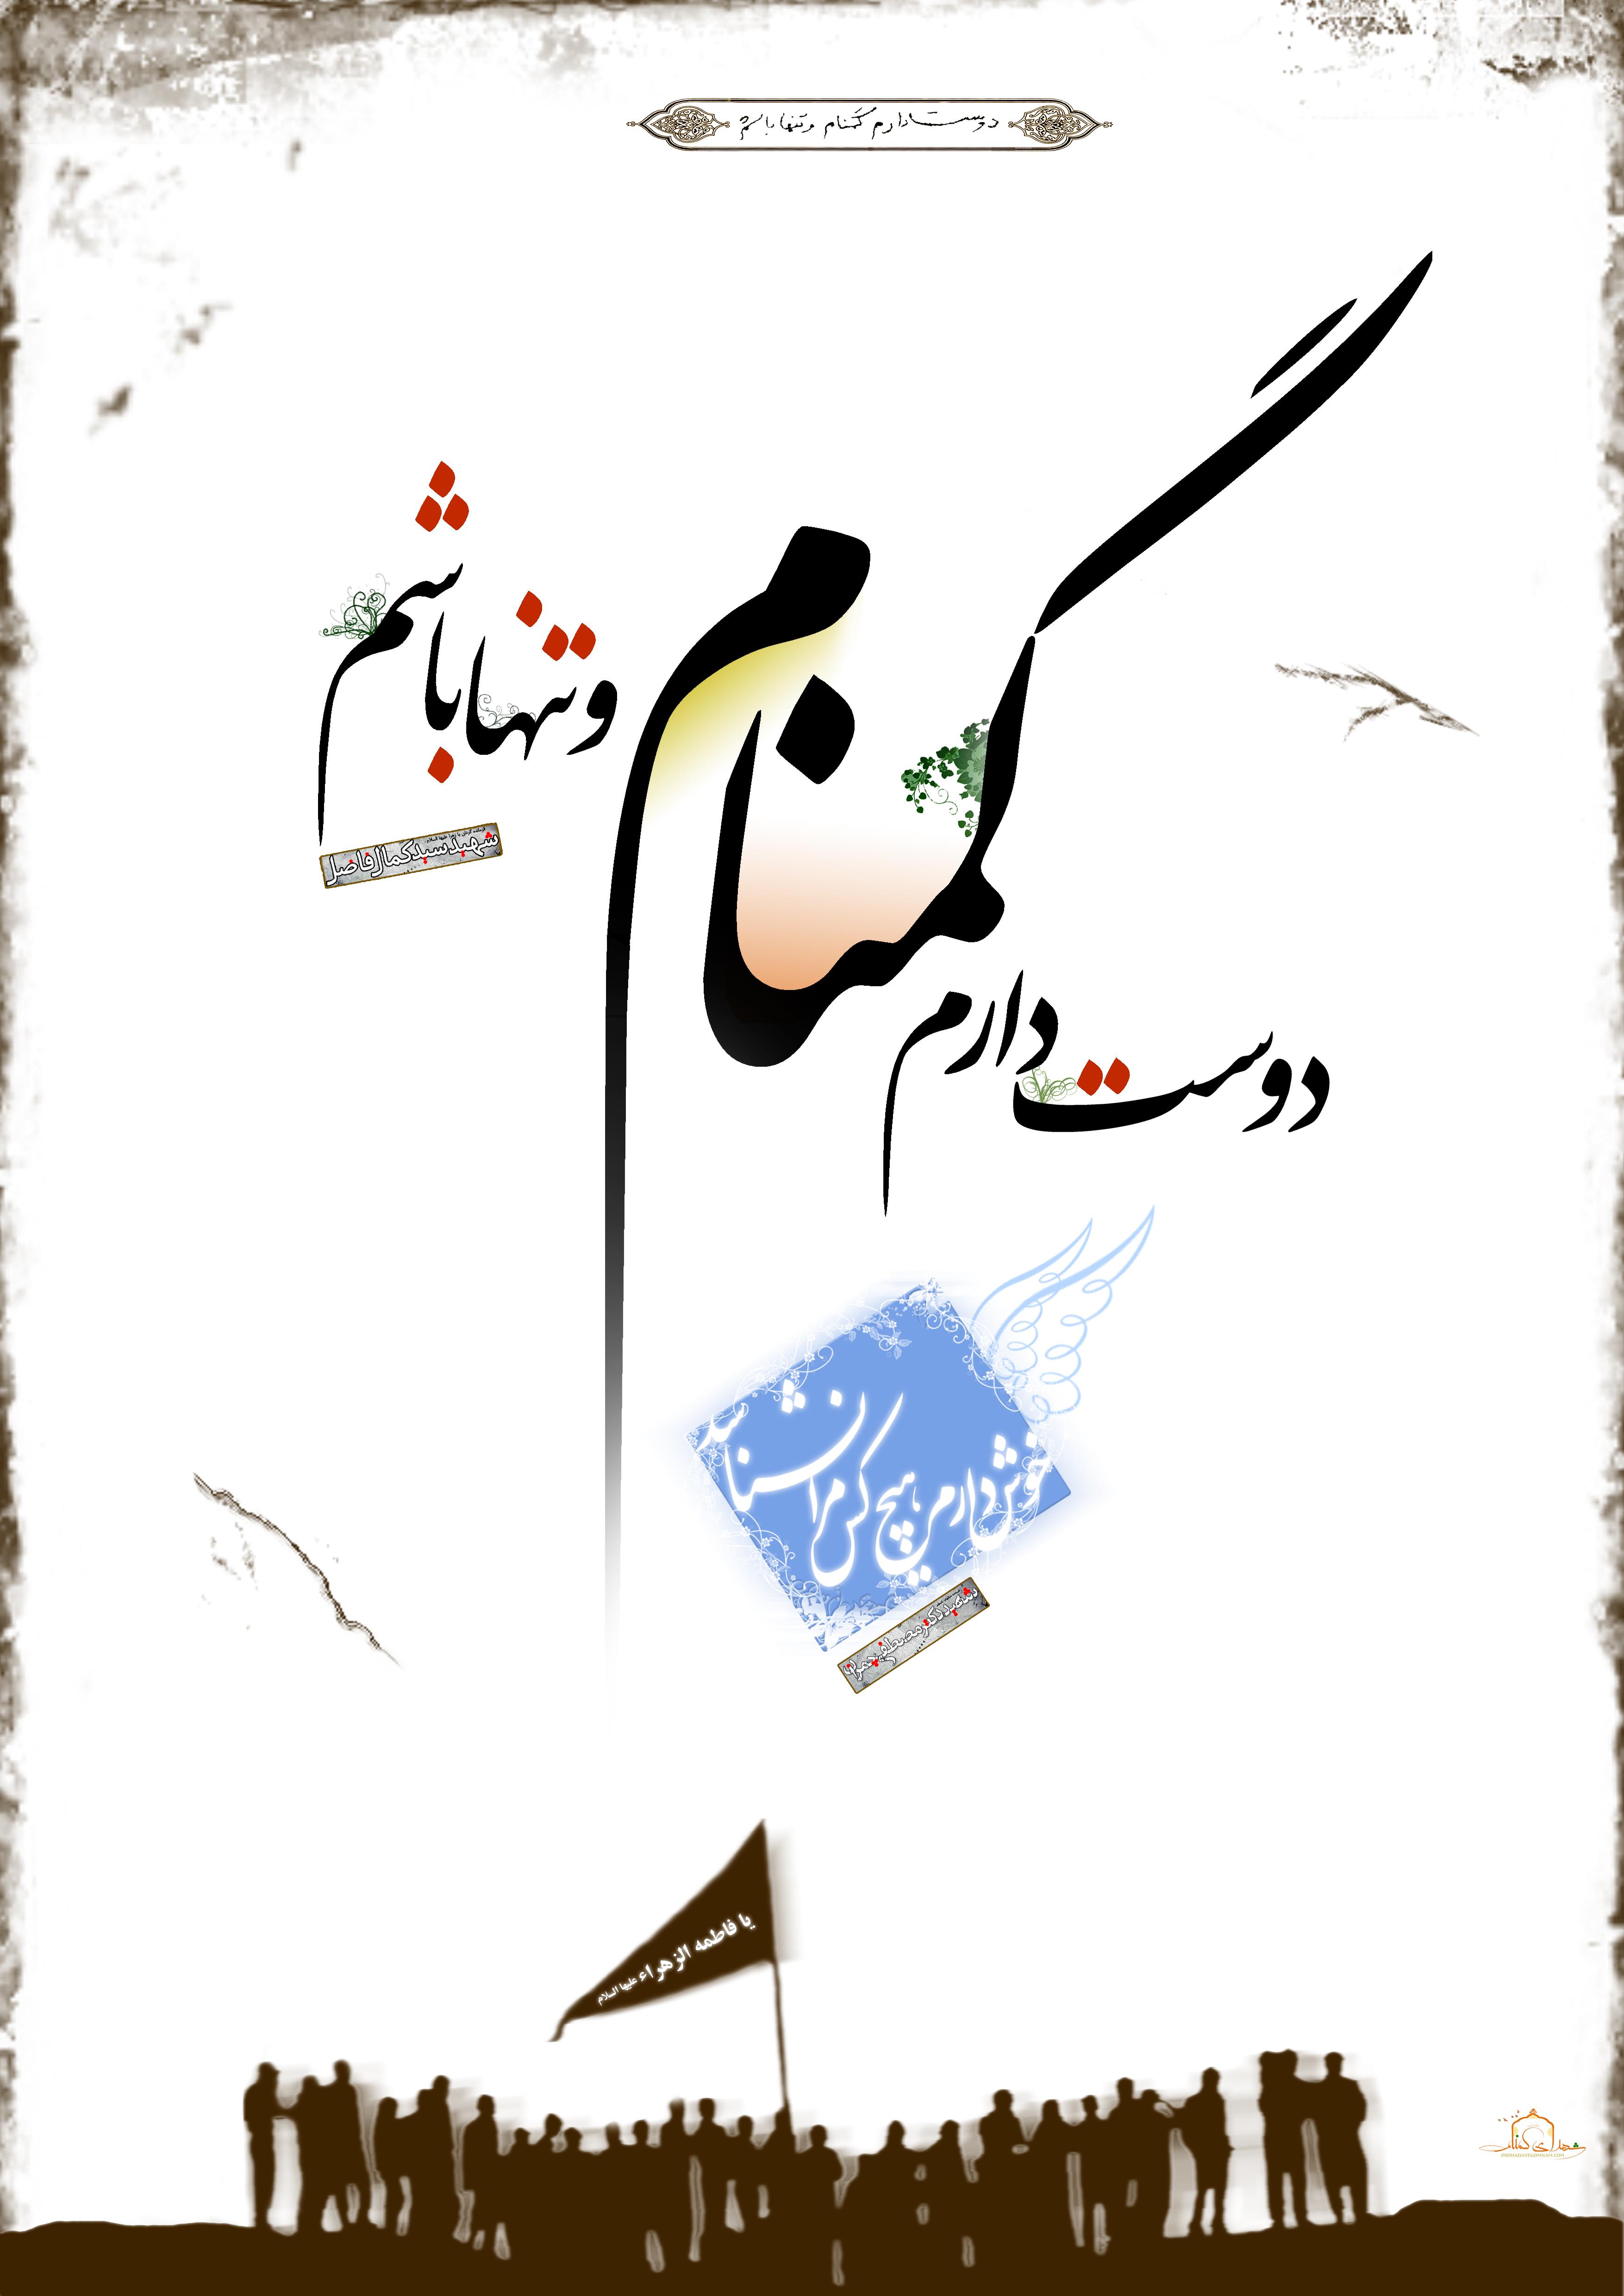 احسان باکری فرزند شهید حمید باکری در یادداشتی در همشهری جوان درباره 175 شهید غواص نوشت: اگر متولیان اندکی هوشمند می بودند